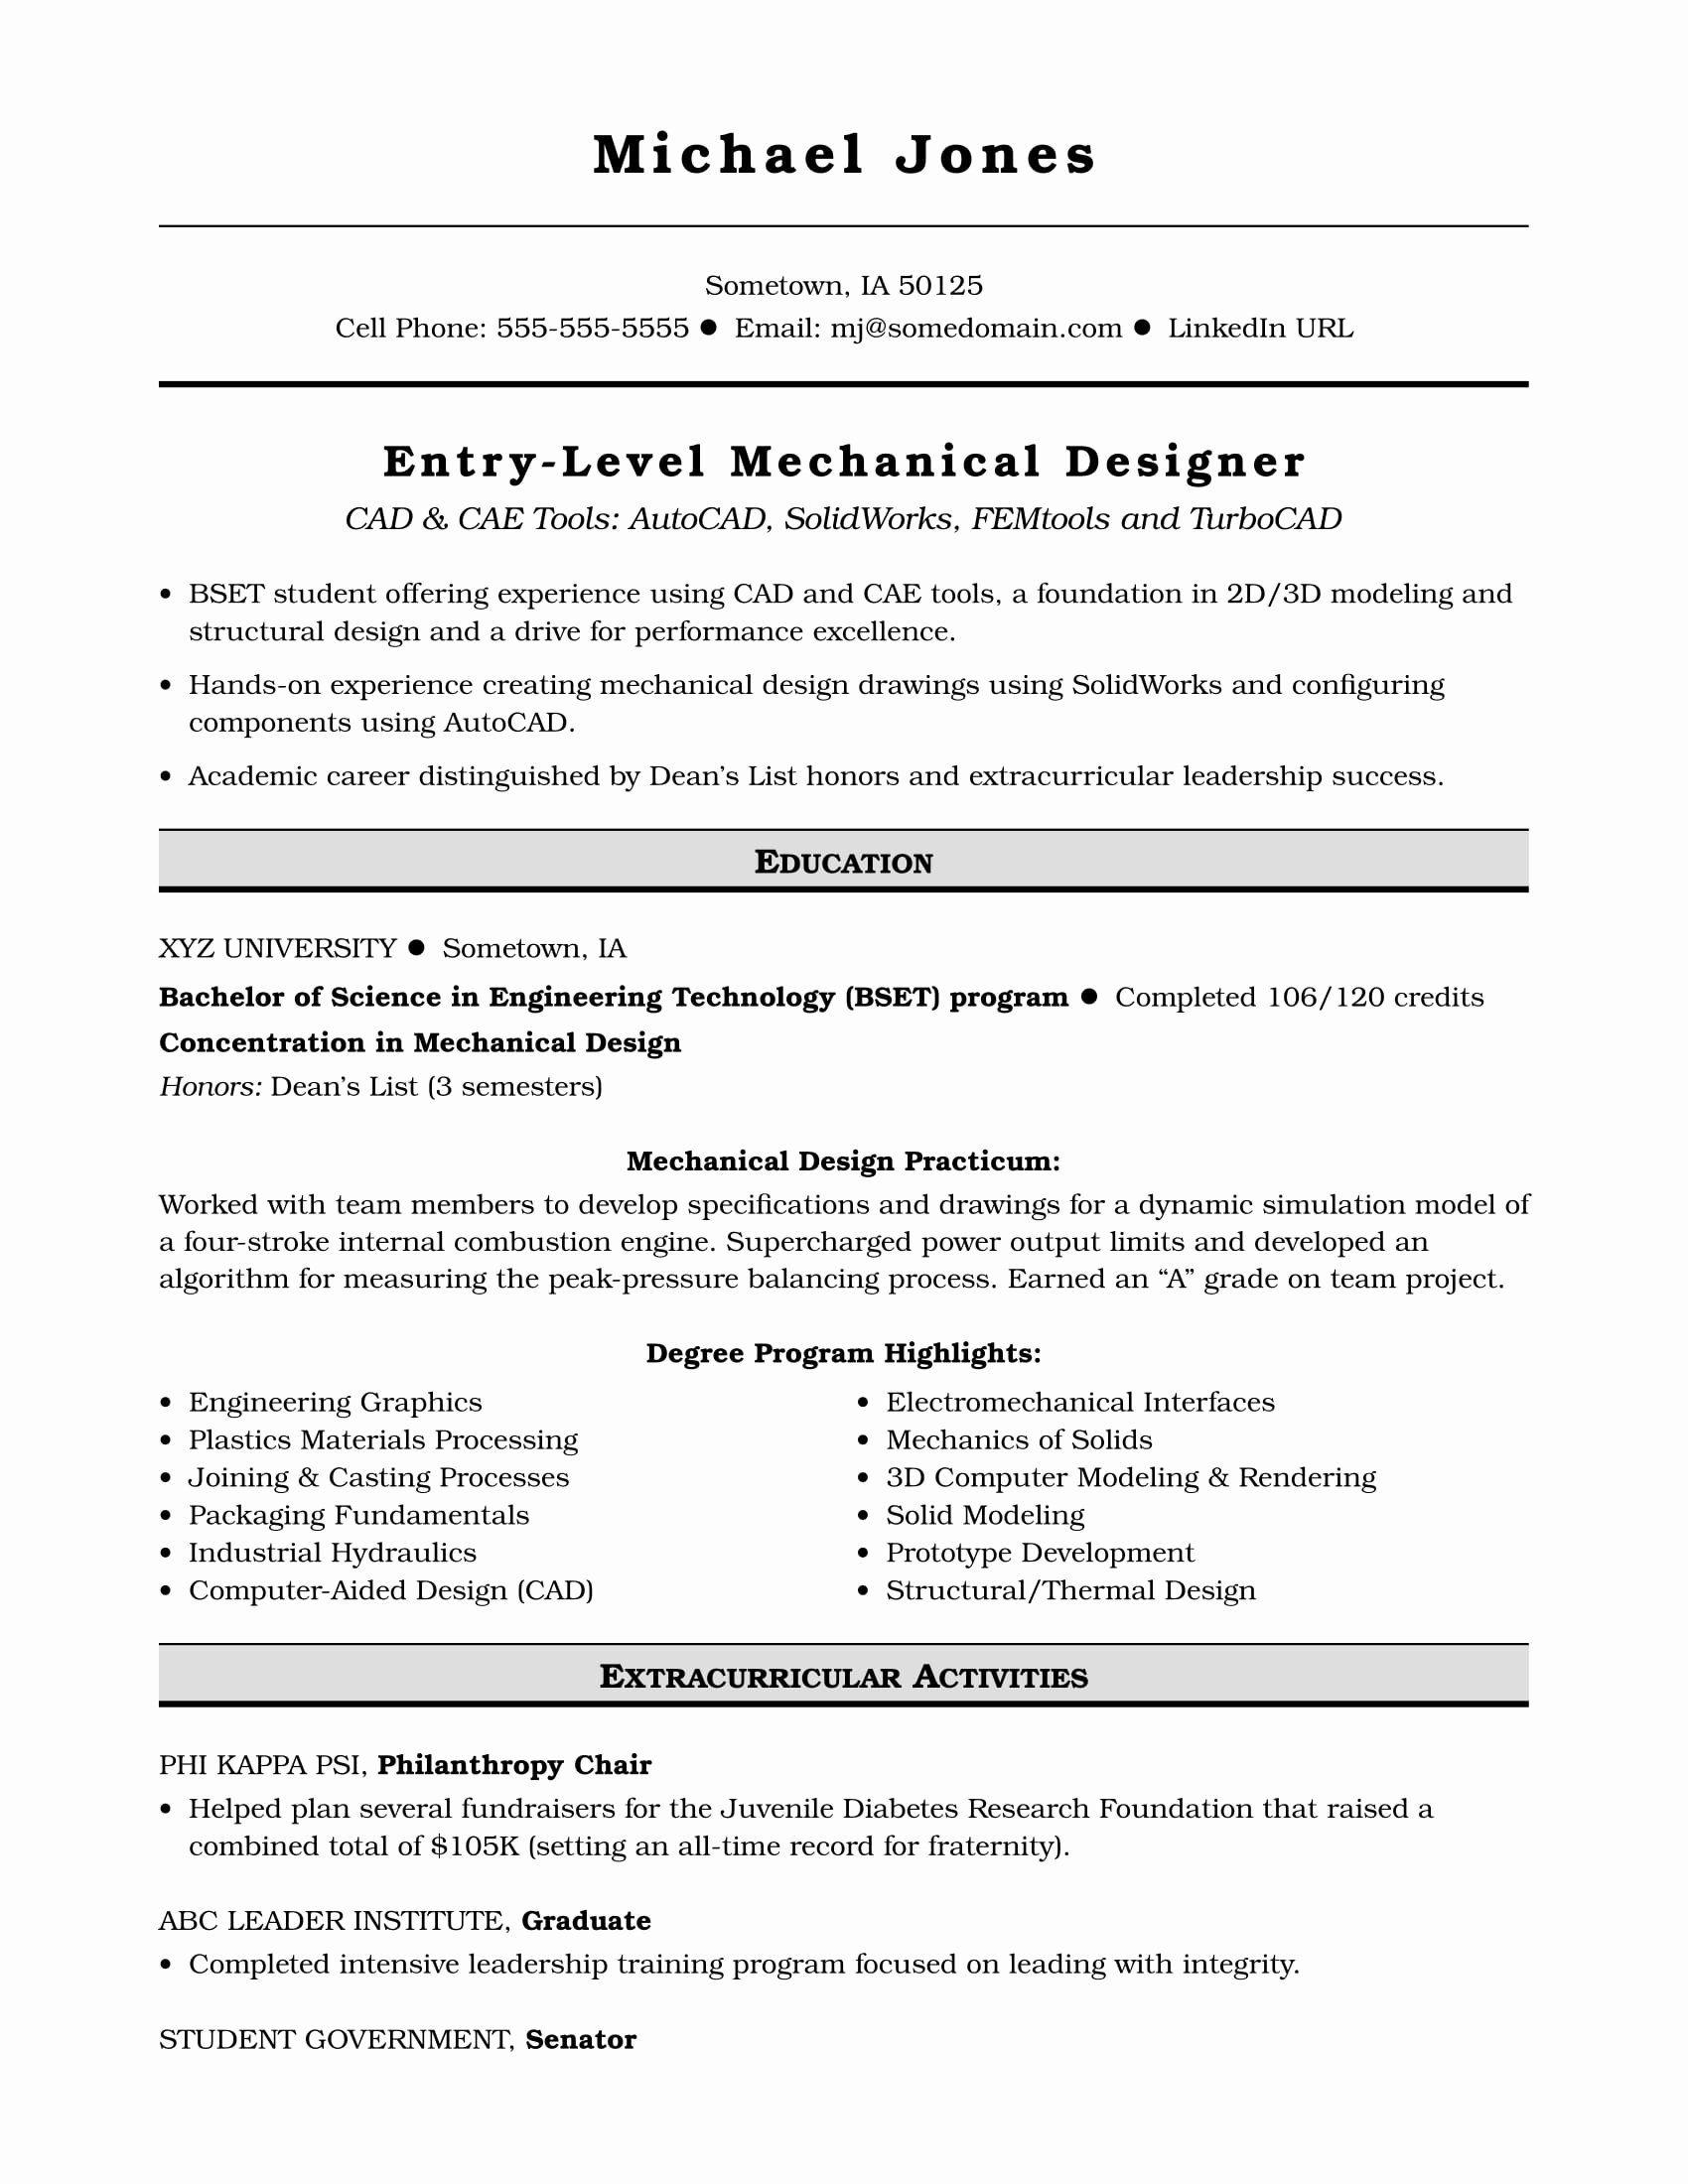 Entry Level Software Developer Resume New Sample Resume For An Entry Level Mechanical Designer